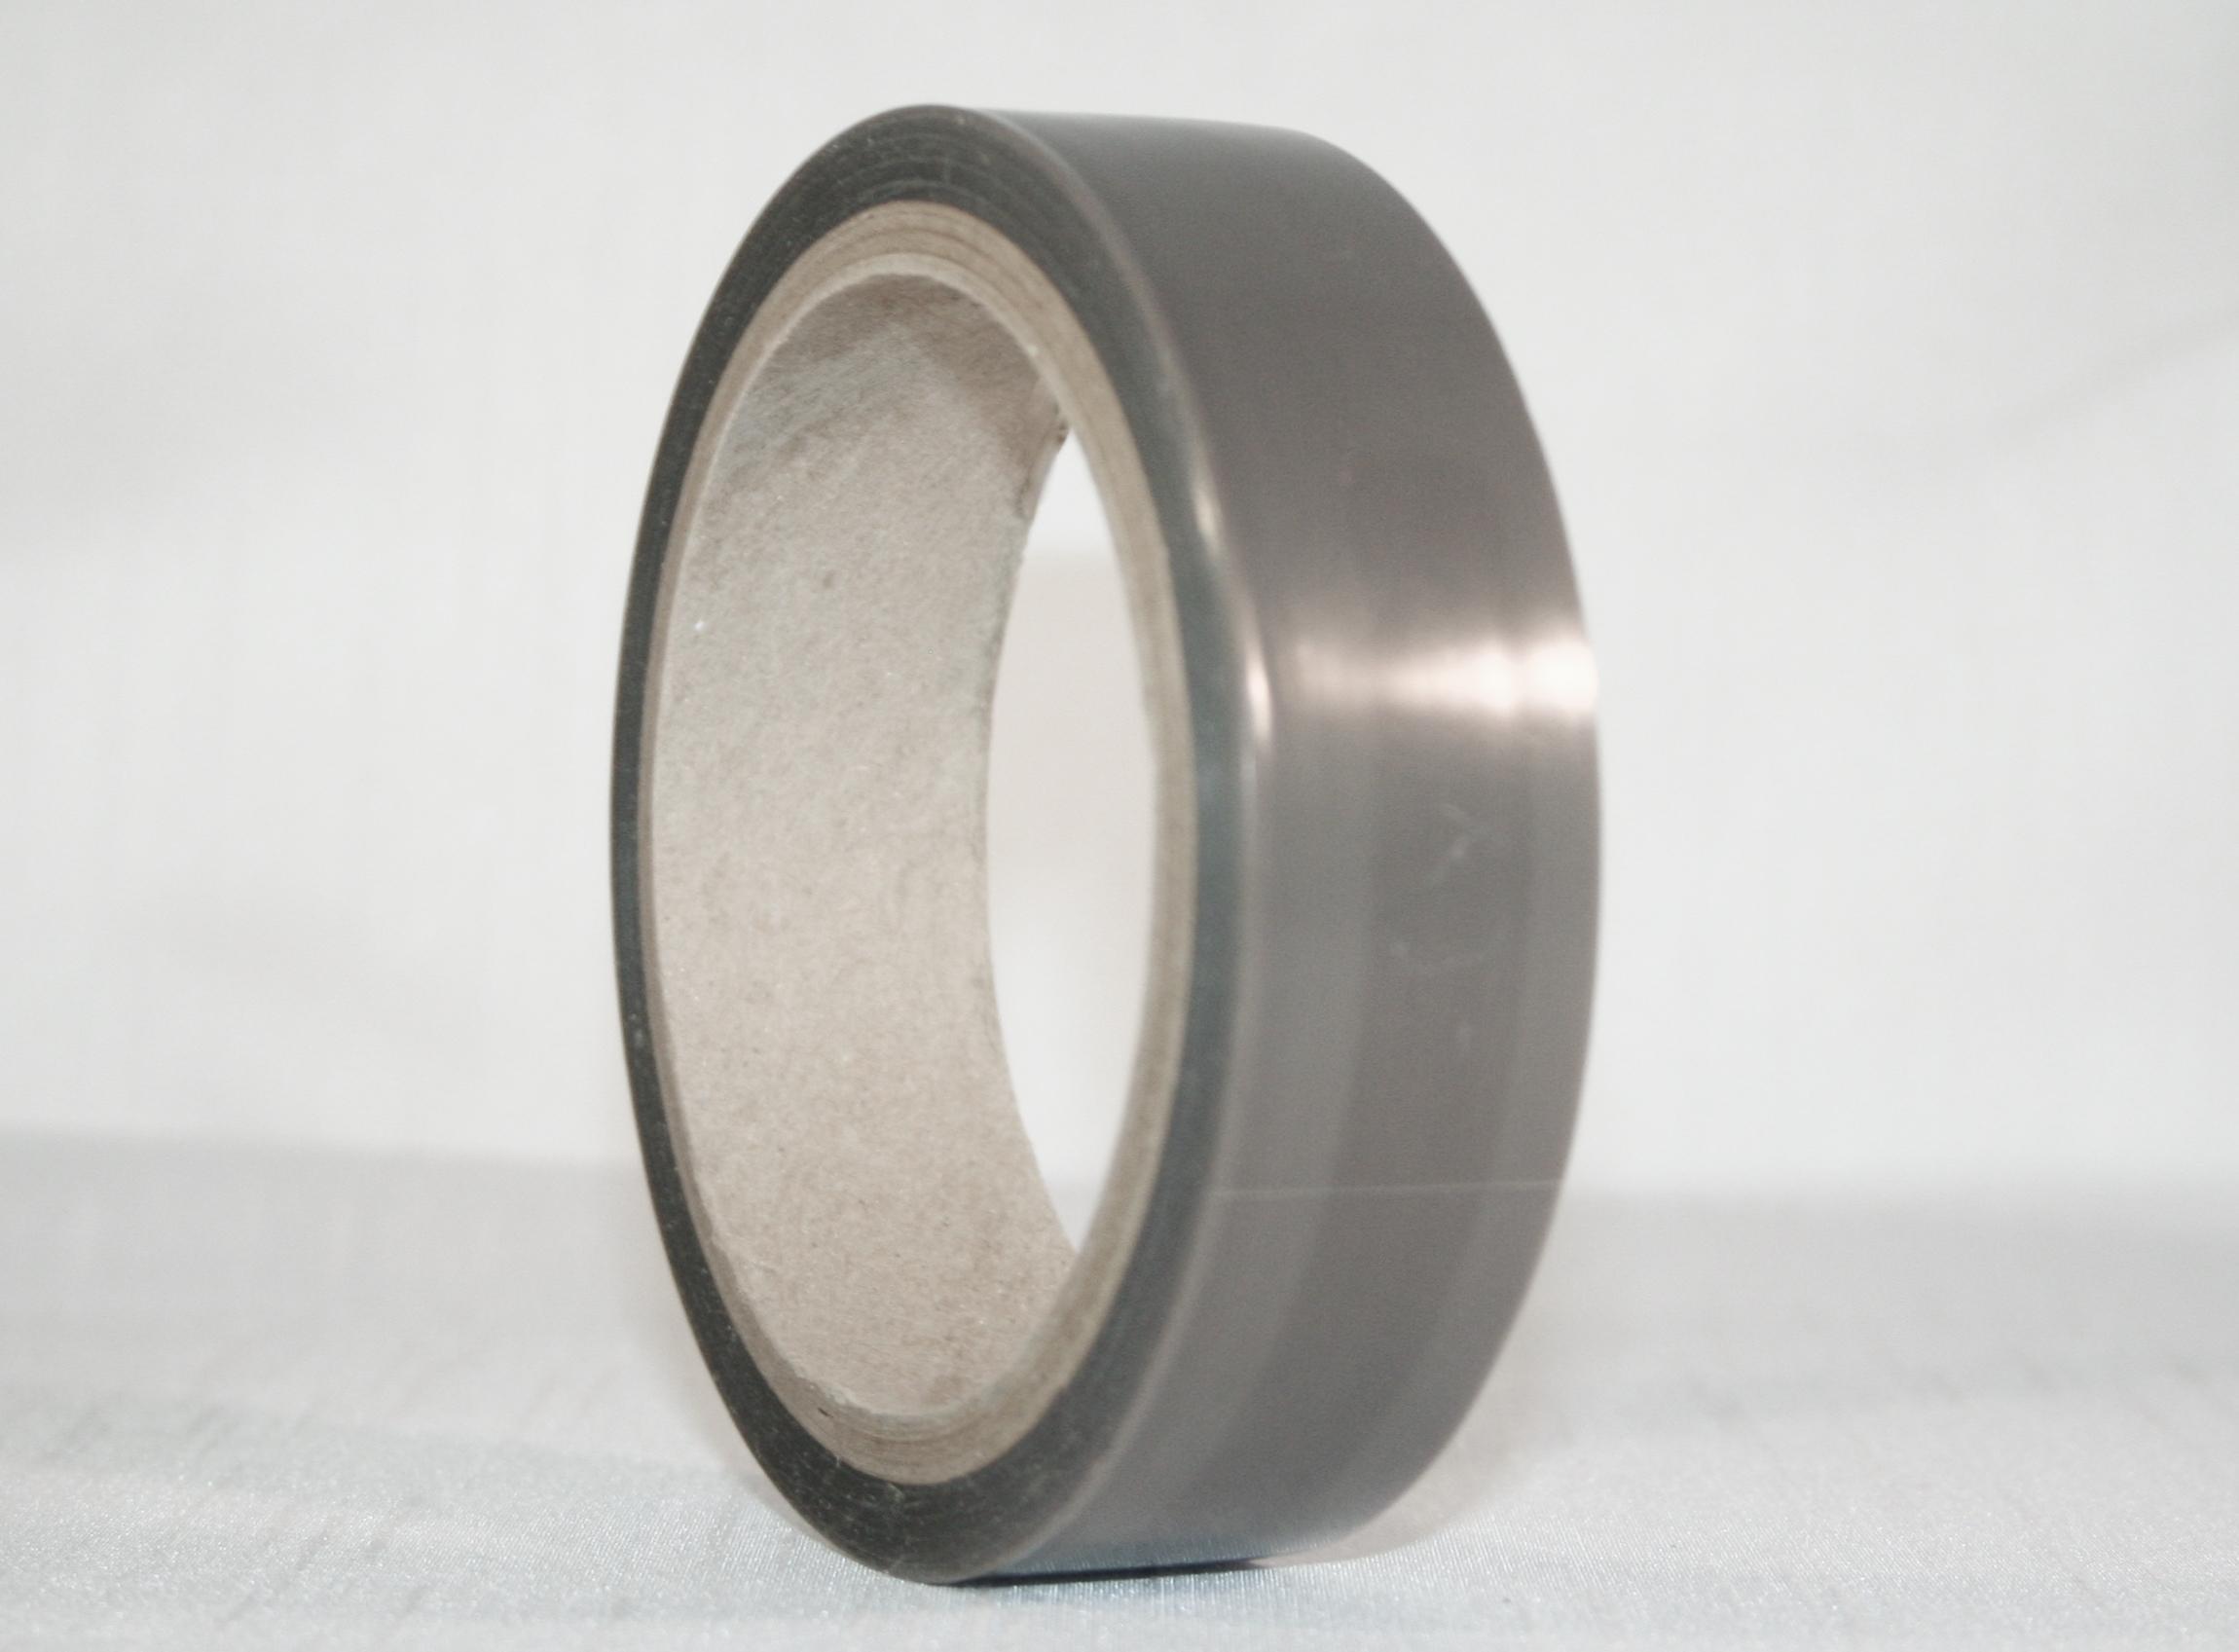 #11505 Maxi -Silicone PTFE  Tape